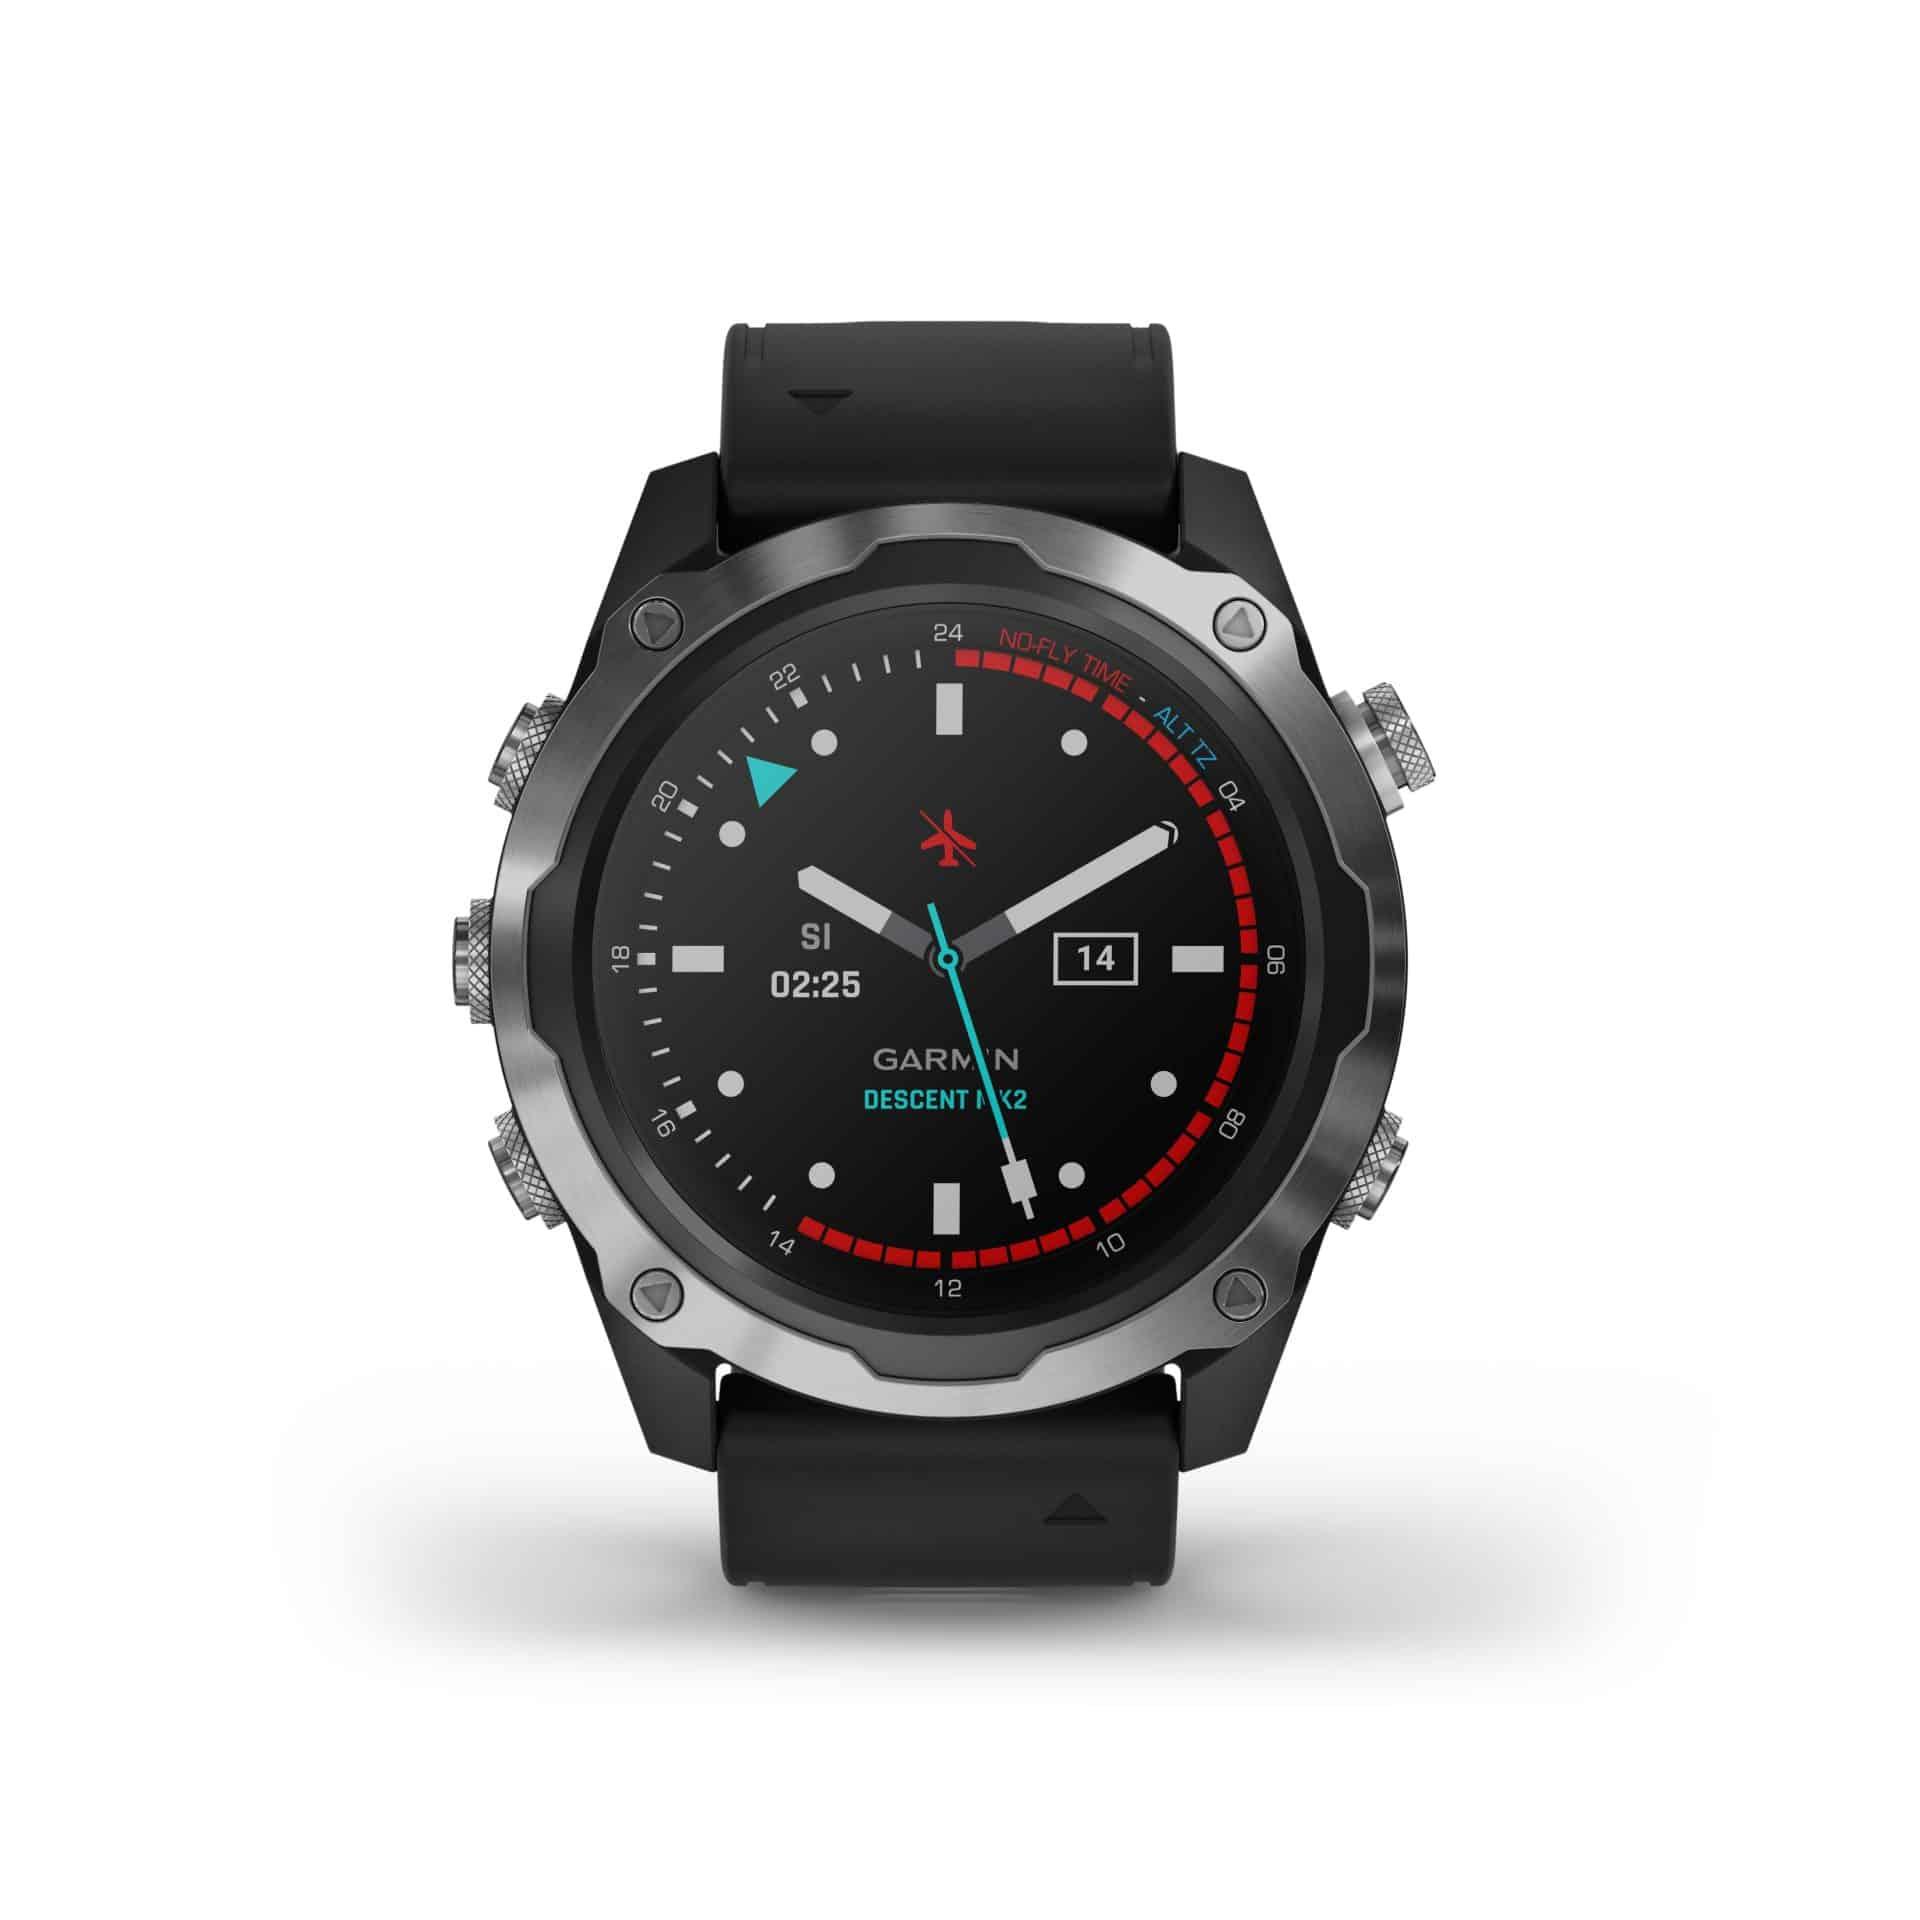 Der Uhrmodus der Garmin Descent Mk2